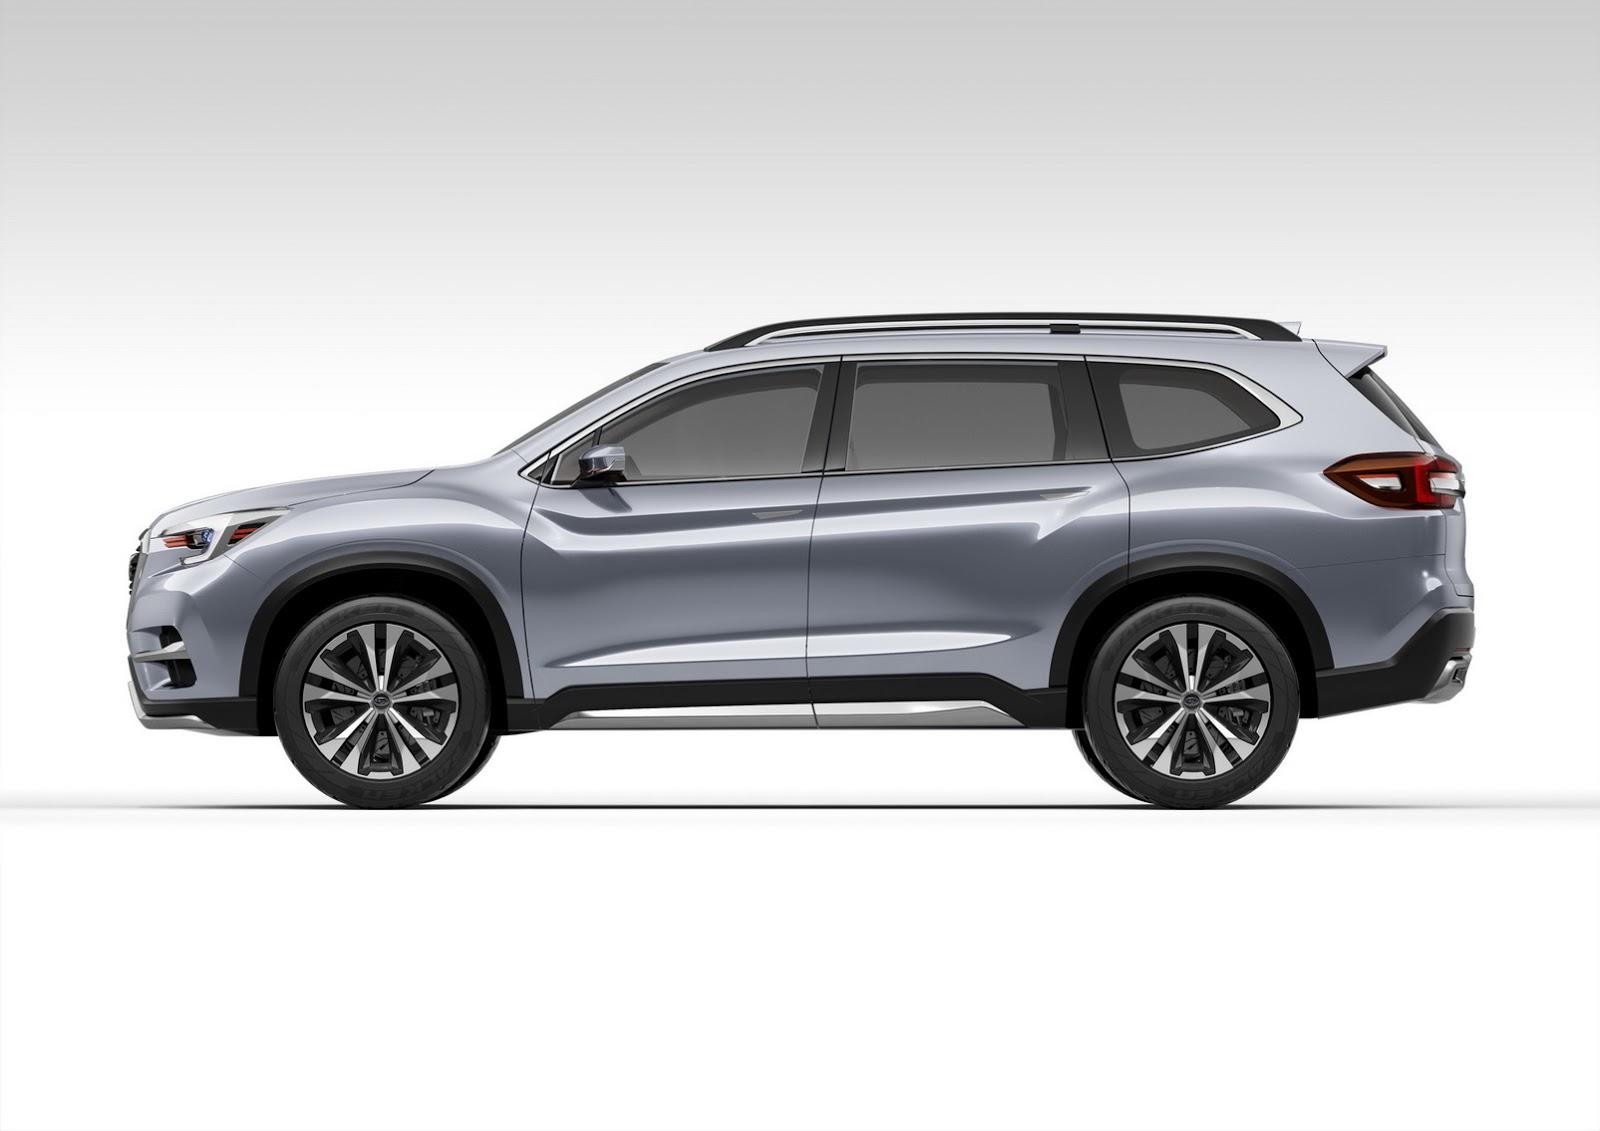 Subaru_Ascent_concept_04